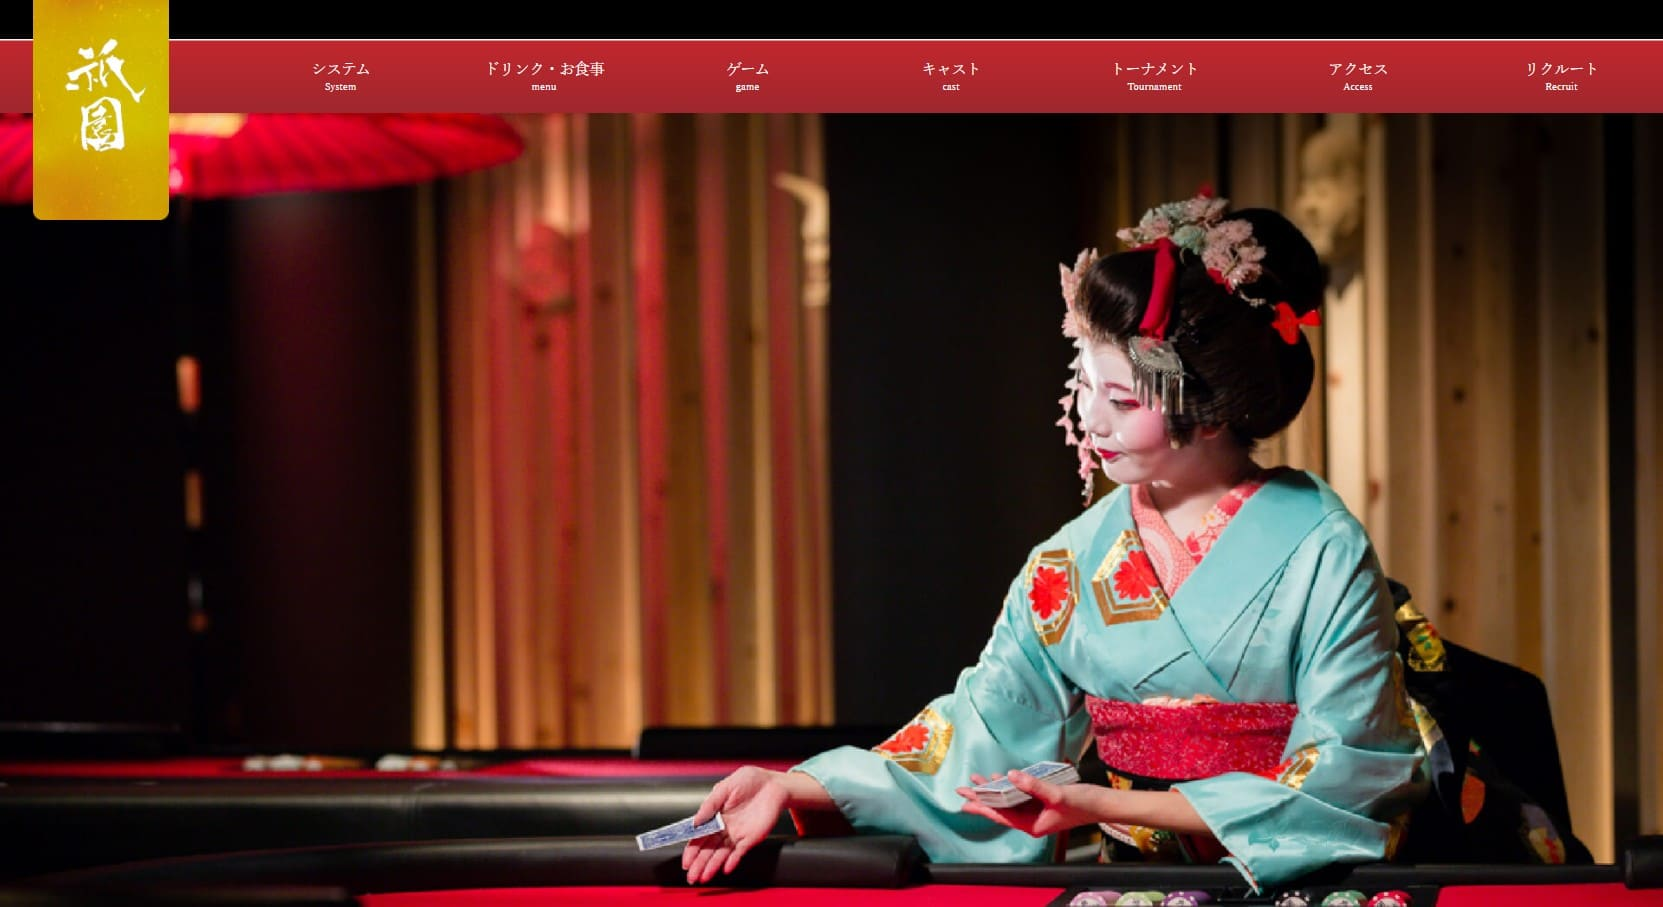 祇園ウェブサイト画像。